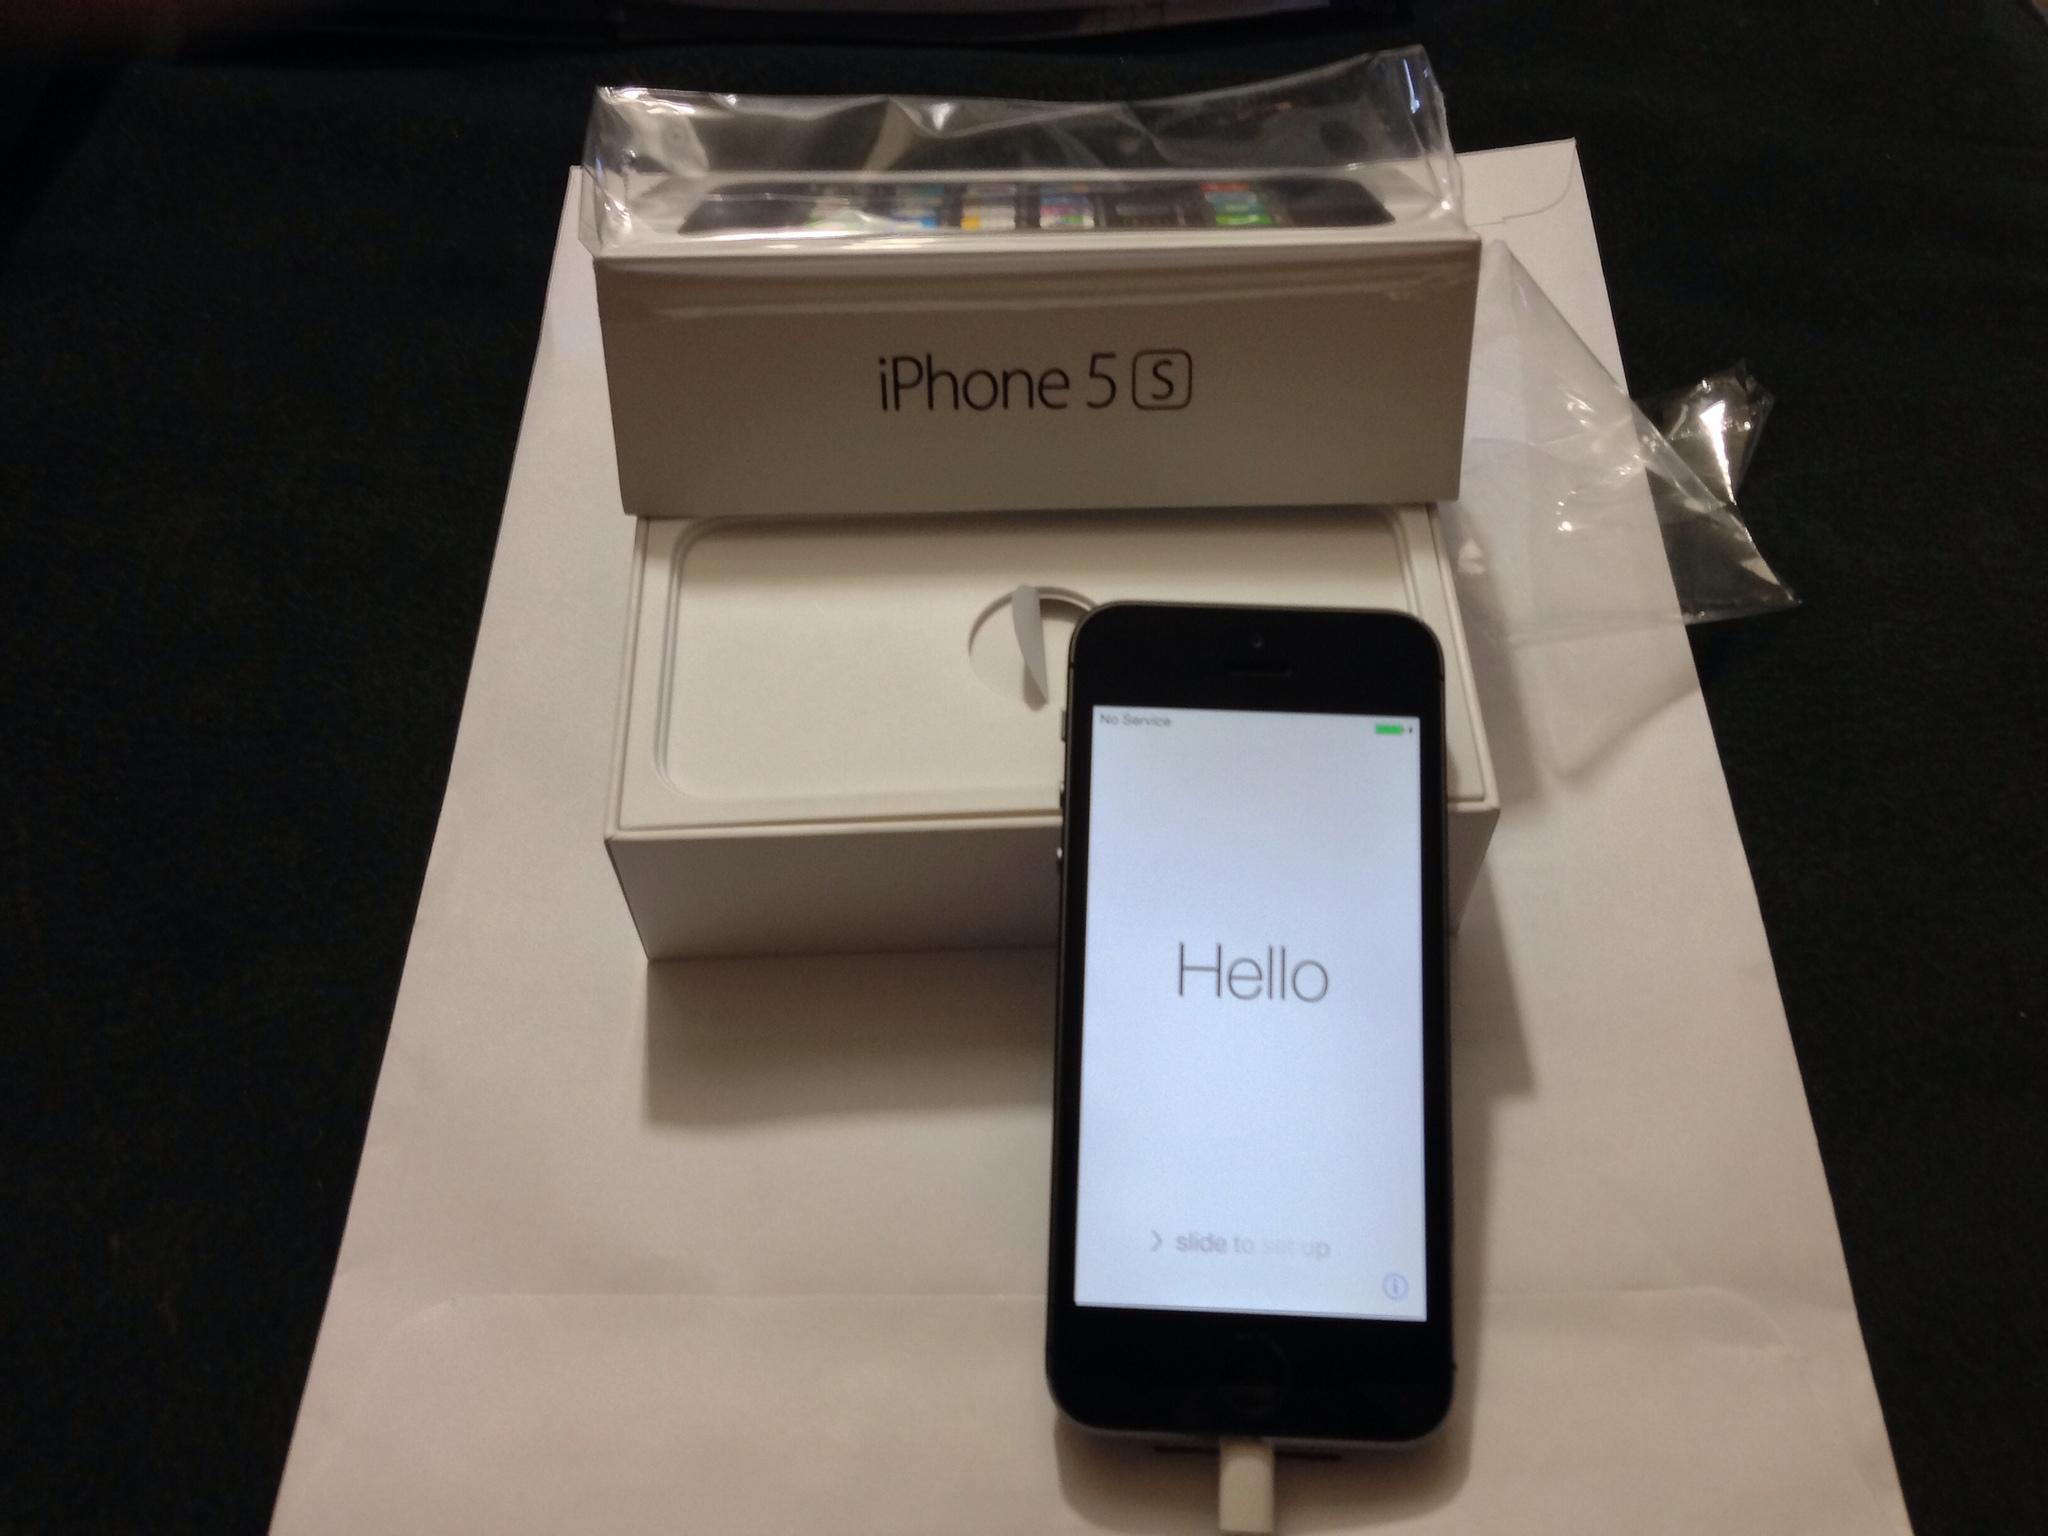 фото iphone 5s скачать